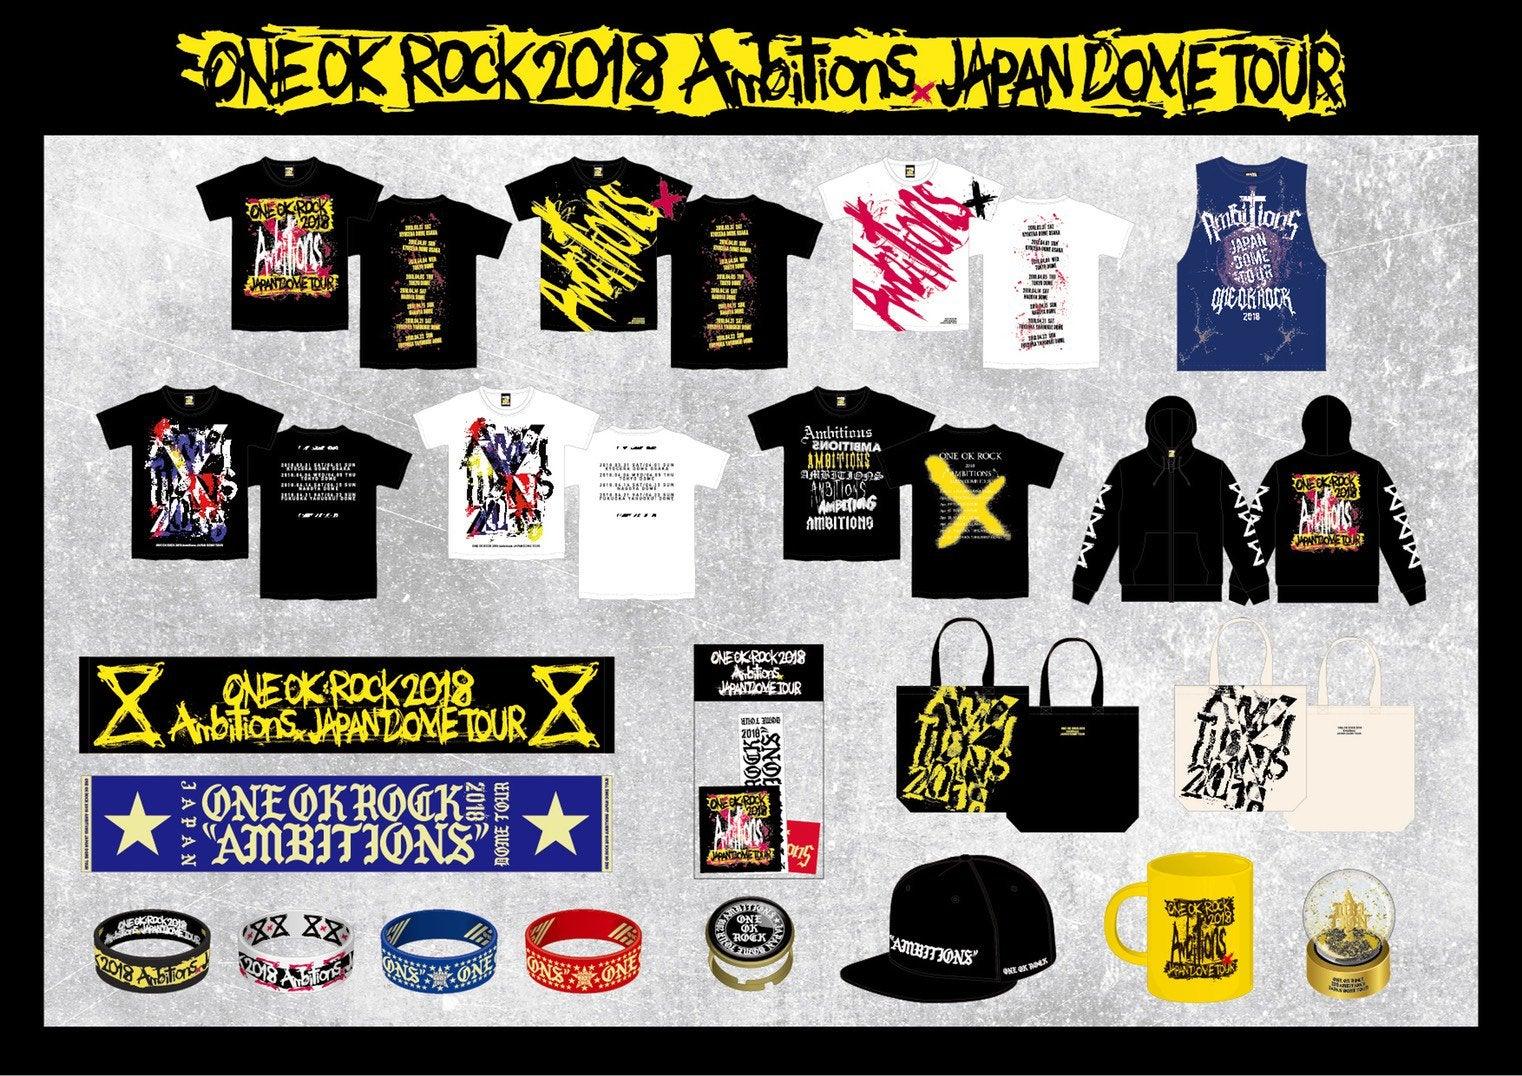 既報 の通り、ONE OK ROCK 2018 AMBITIONS JAPAN DOME TOUR GOODS  が、会場販売の前に、A!SMART(アスマート)での先行通信販売が行われることが、ONE OK ROCK 公式